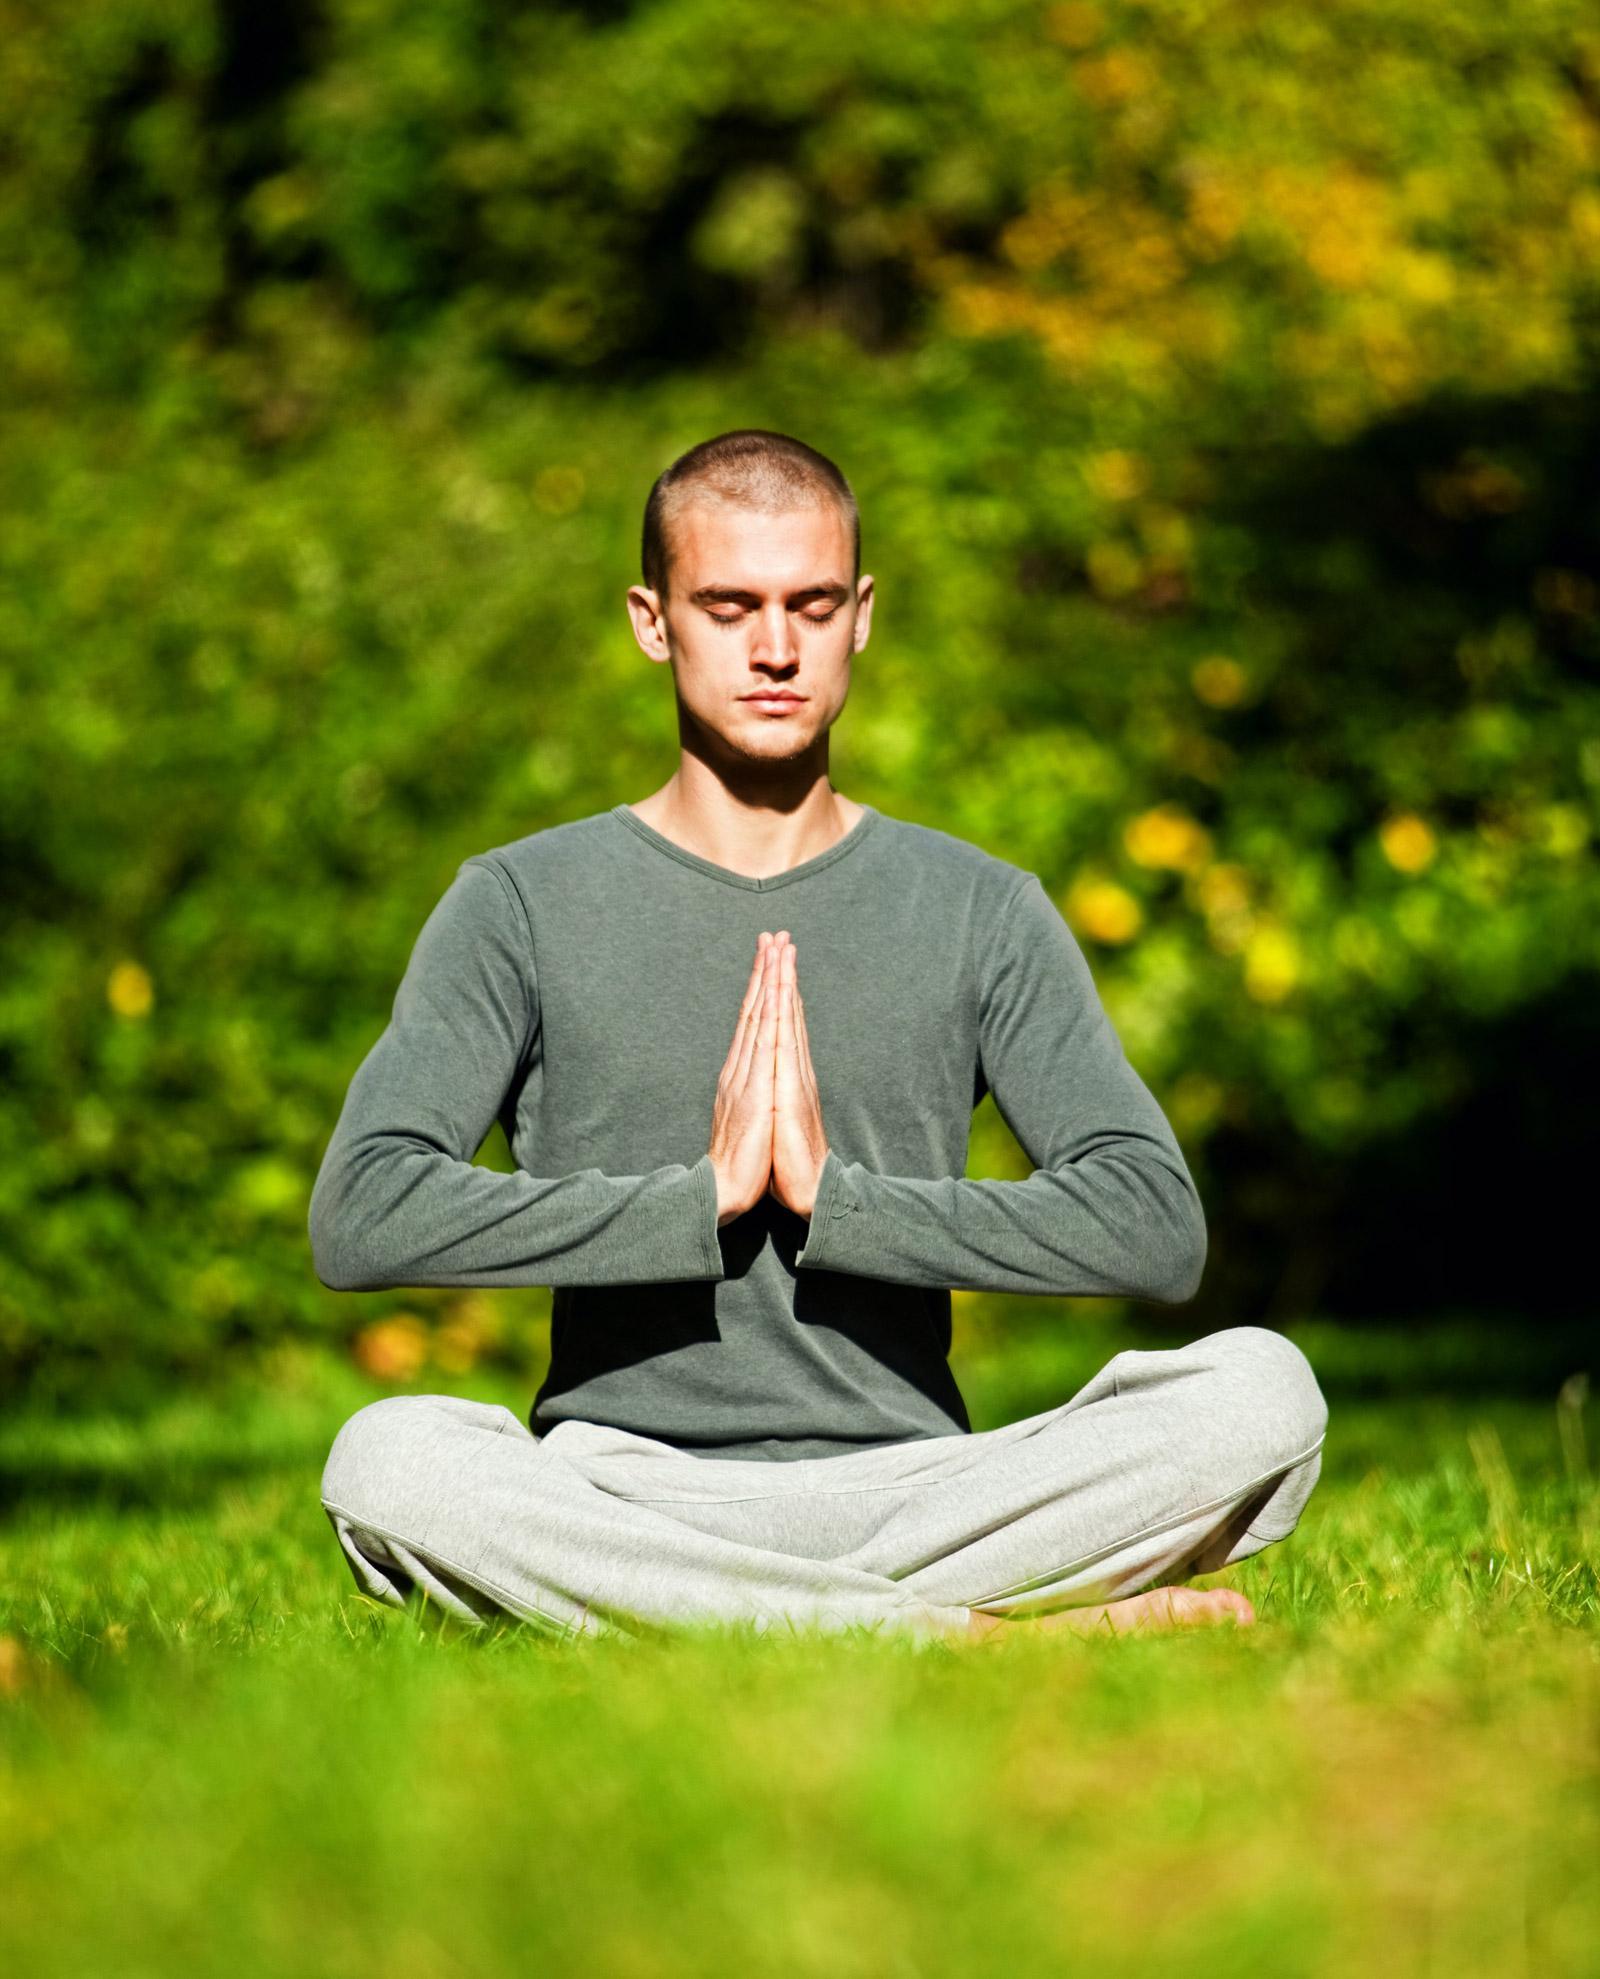 Meditierender junger Mann sitzt im Schneidersitz auf einer grünen Wiese. Seine Hände sind in Gebetshaltung und vor dem Herzchakra platziert.